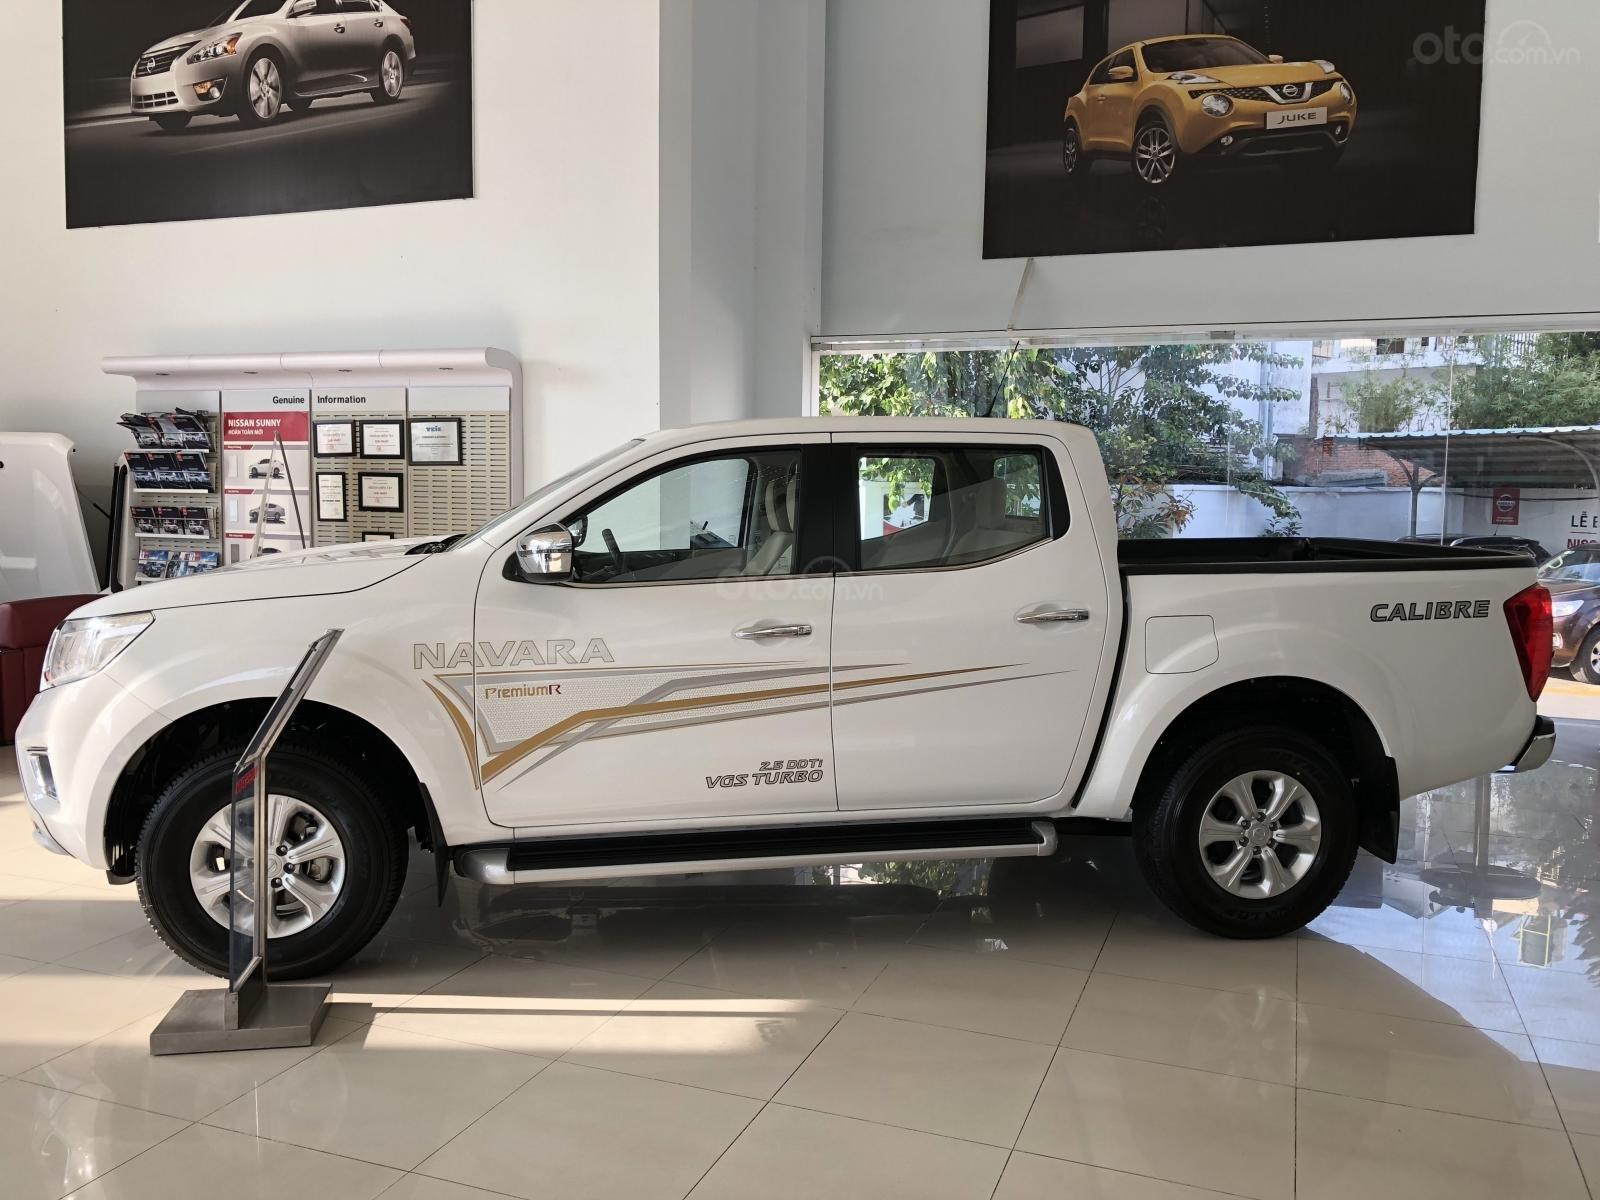 Bán Nissan Navara năm sản xuất 2019, CTKM sập sàn, giao xe ngay, LH 0938466812 (2)